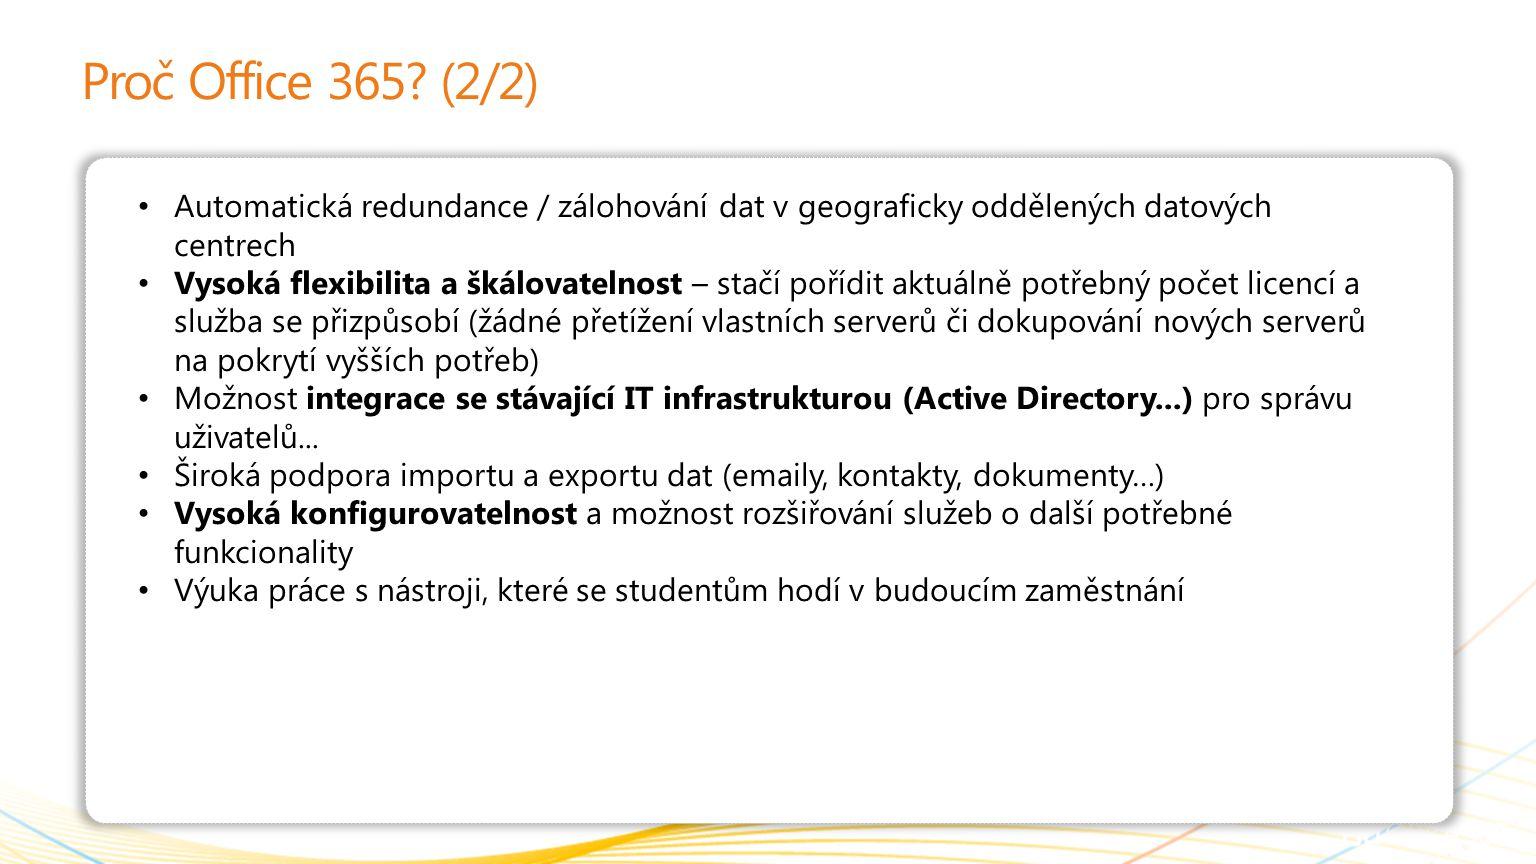 Proč Office 365 (2/2) Automatická redundance / zálohování dat v geograficky oddělených datových centrech.